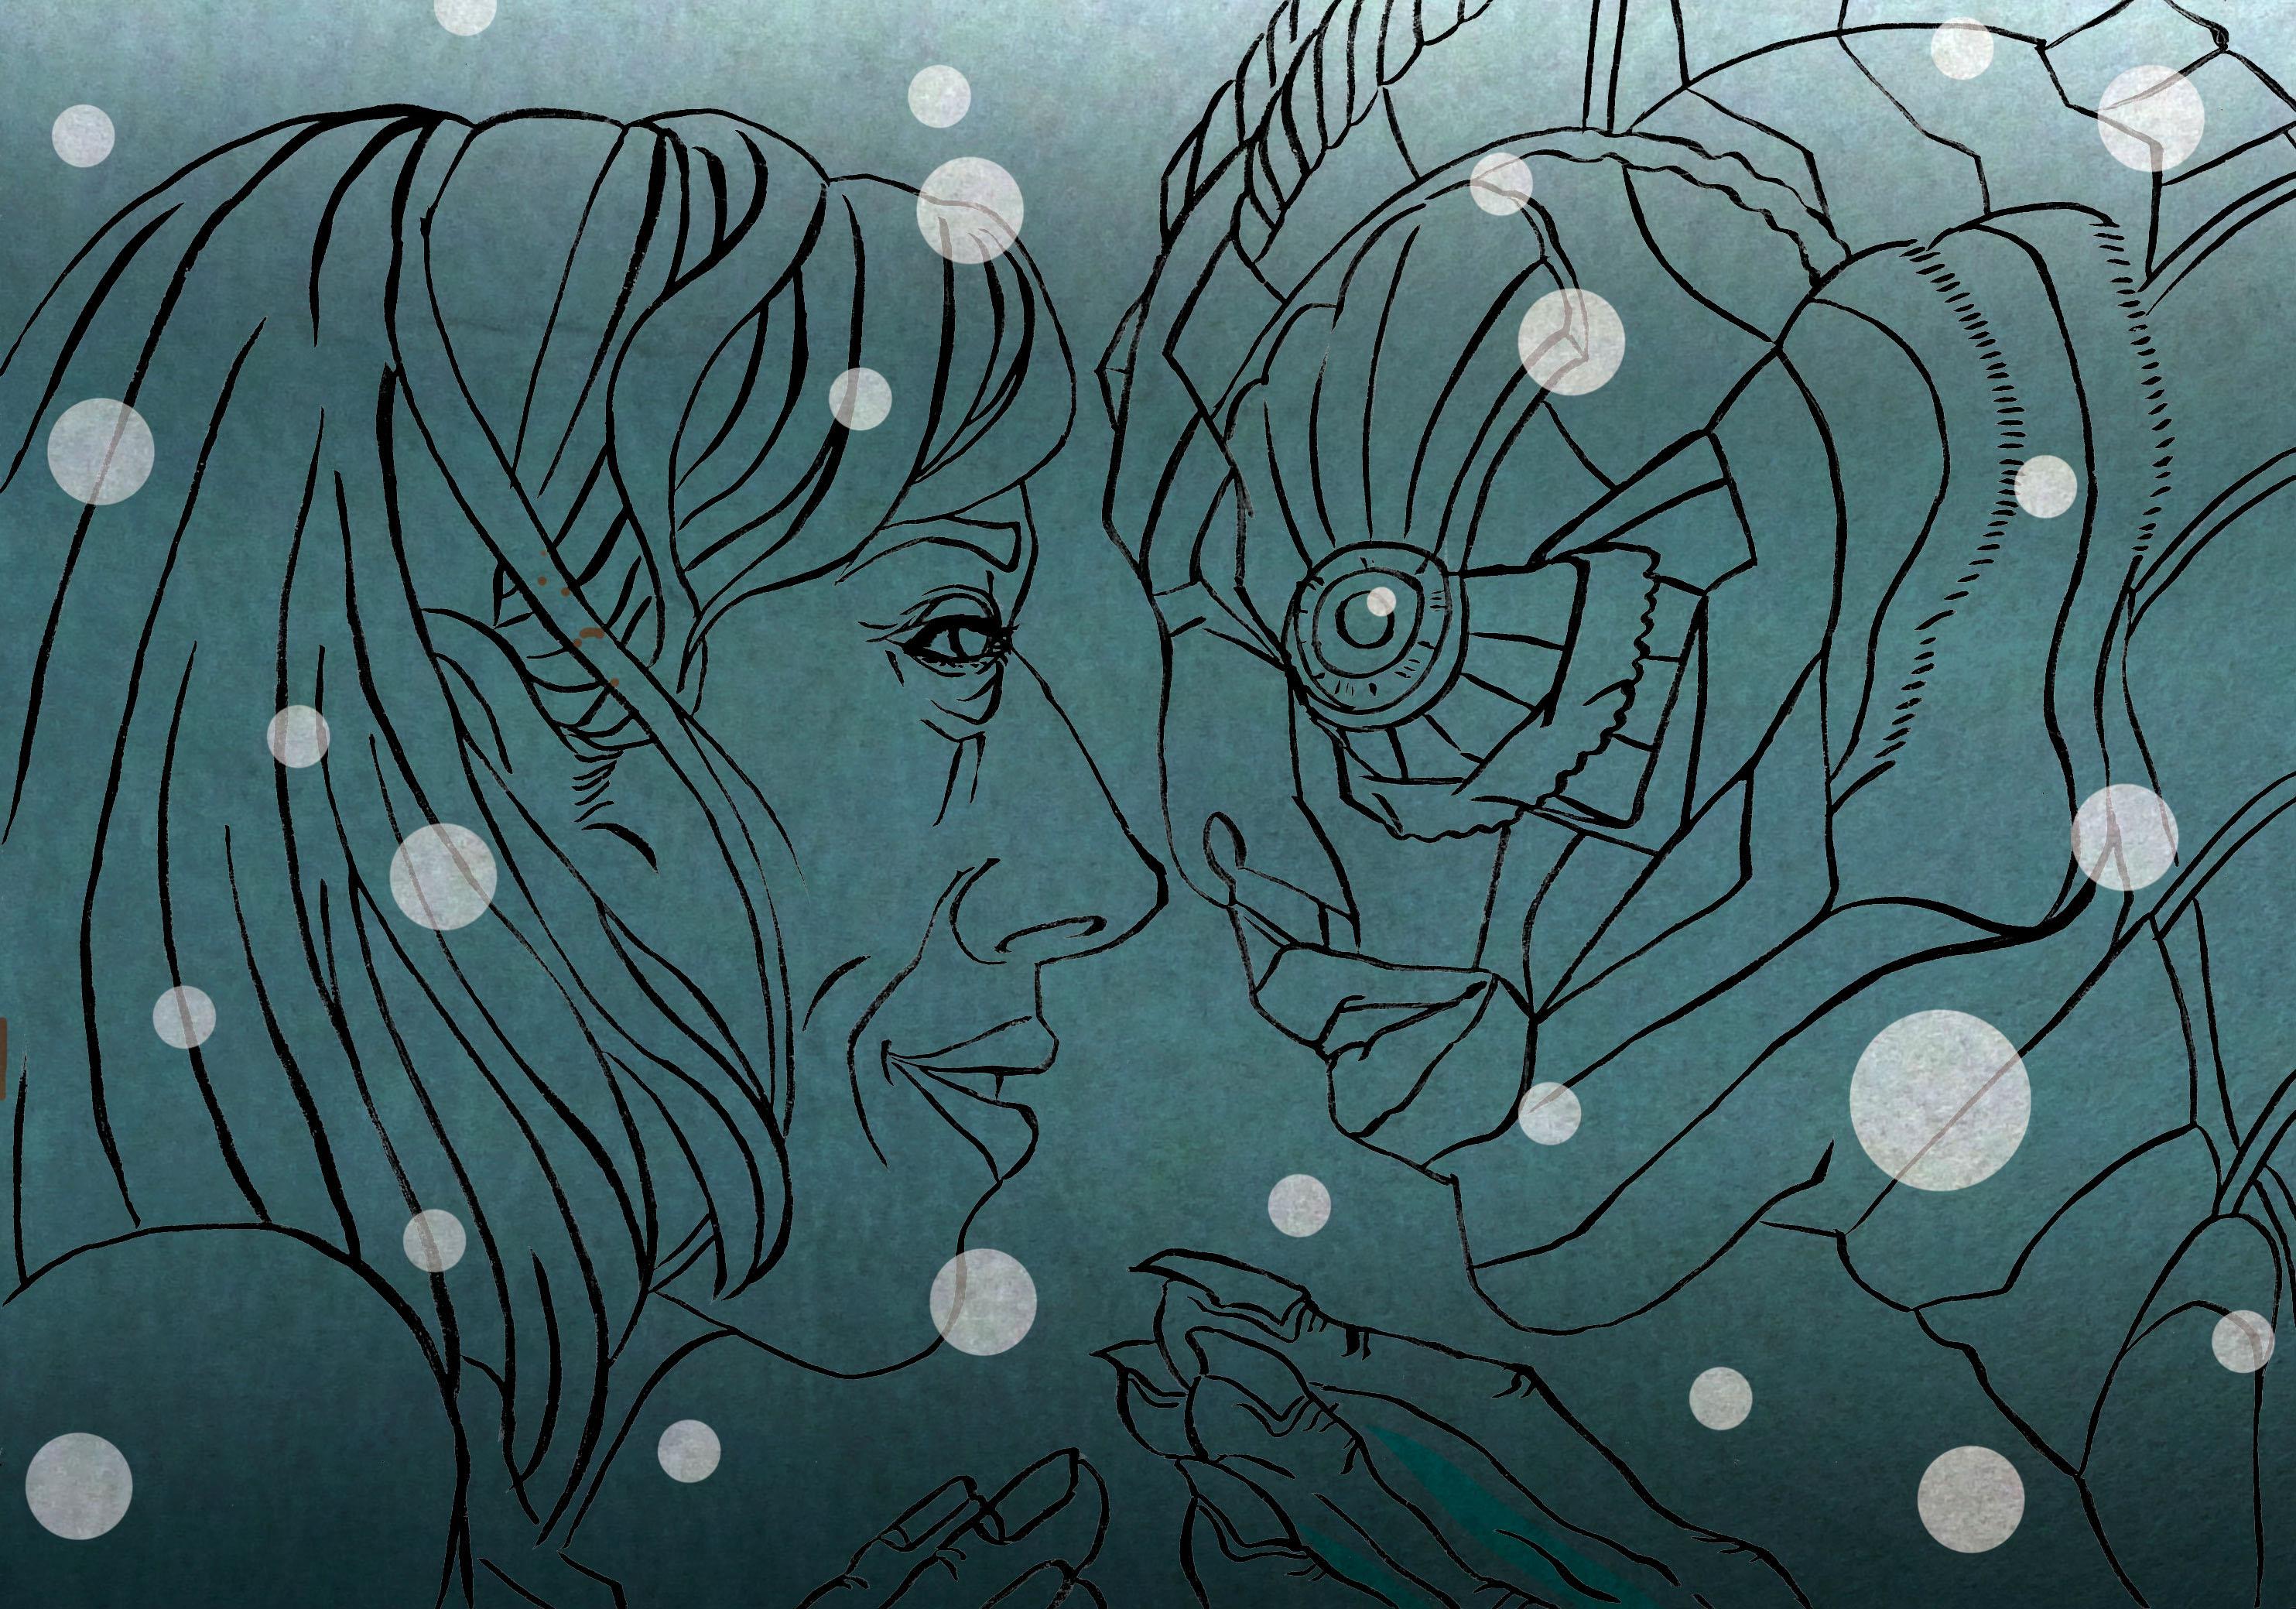 映画 シェイプ・オブ・ウォーター  浮世絵風 和風 かっこいい 日本風 イラストレーター 筆ペン 似顔絵 Kenji Iwasaki 岩崎健児